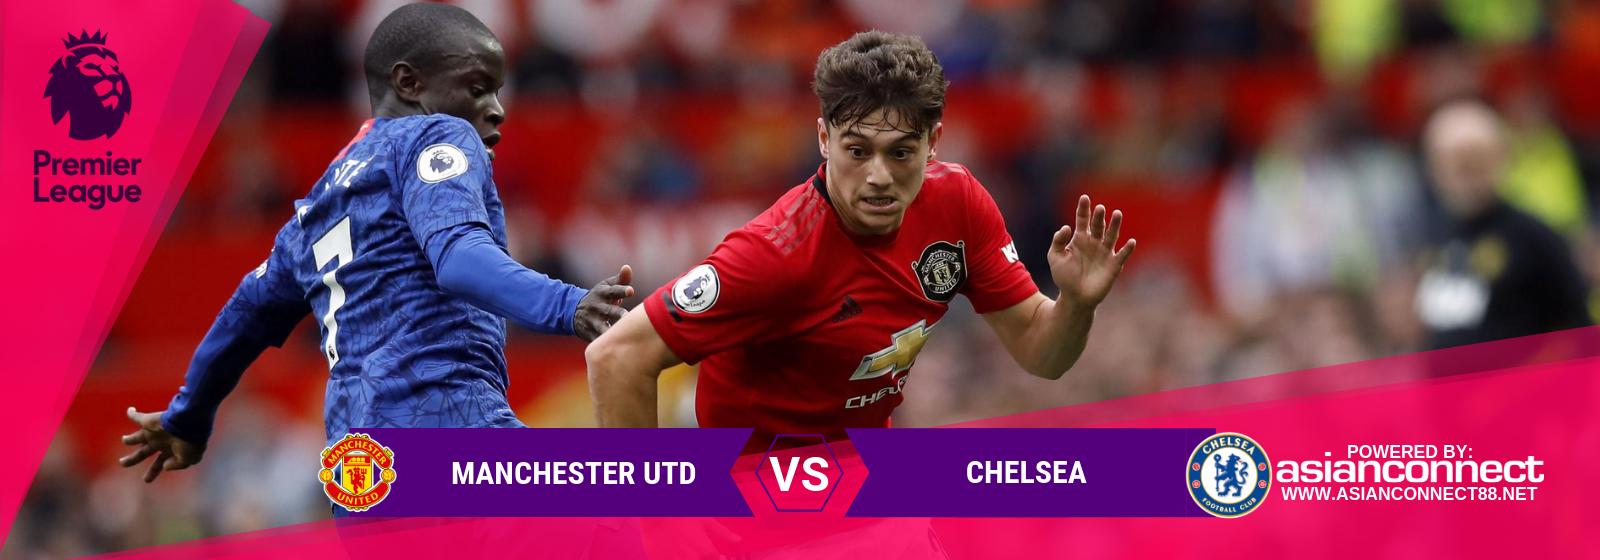 EPL Man Utd Vs. Chelsea Asian Connect